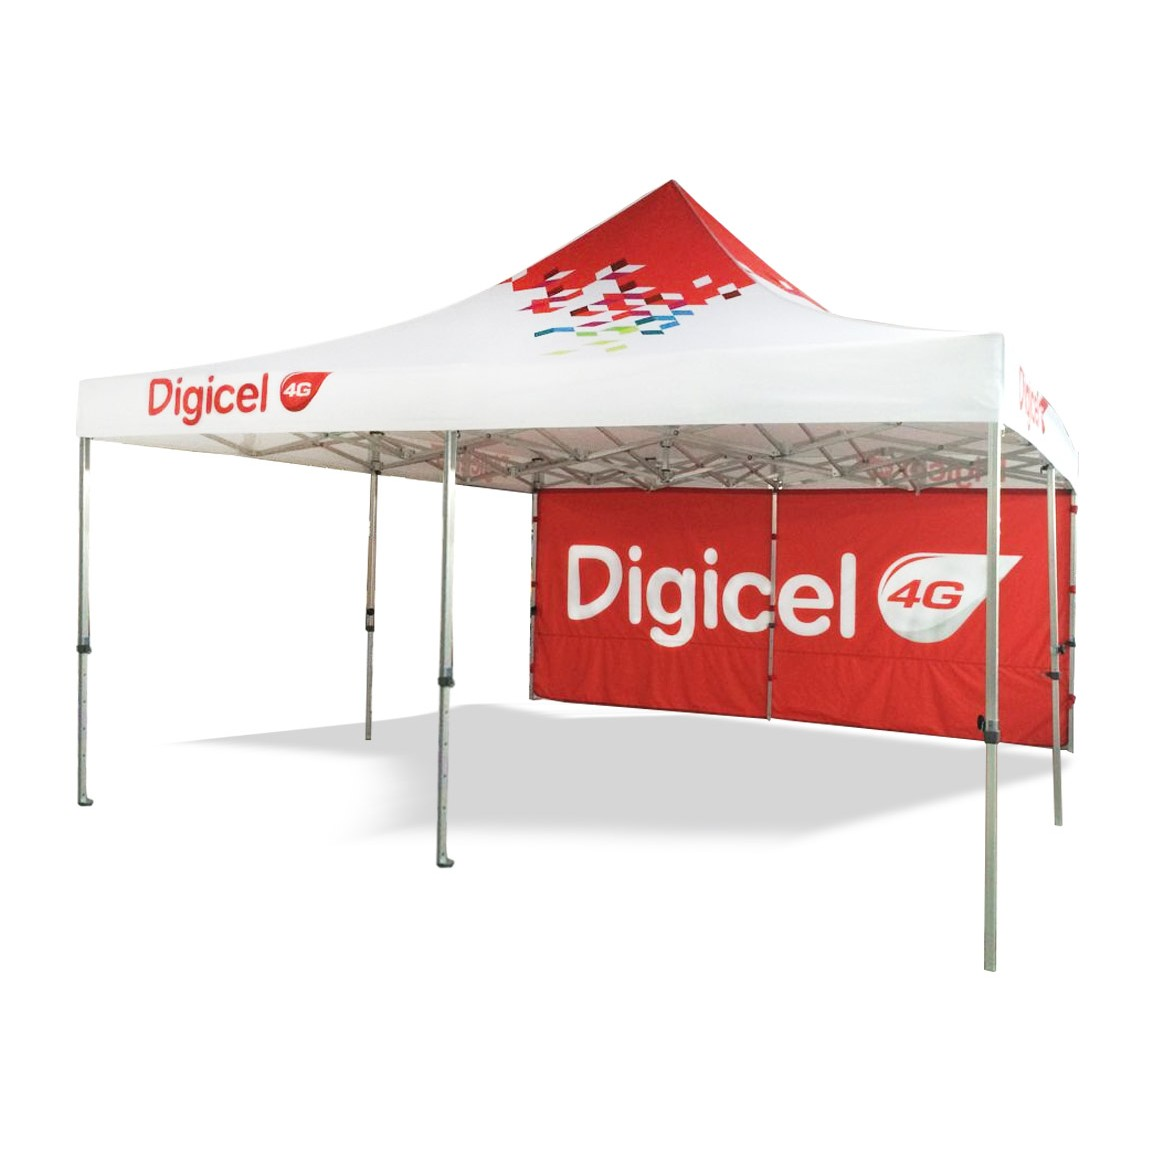 Digicel Tent